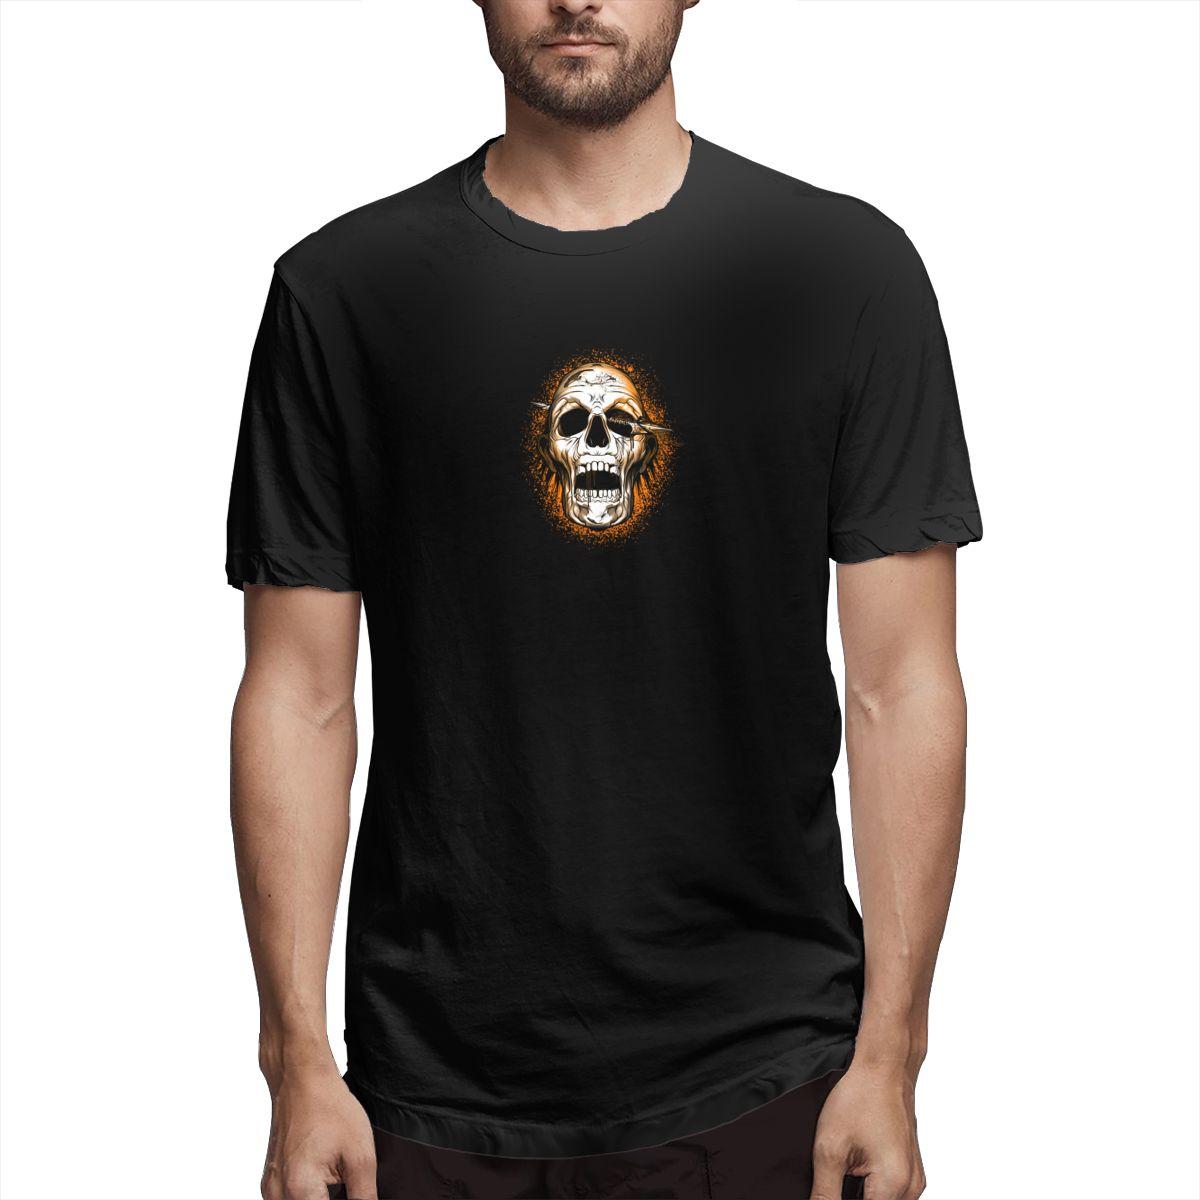 T-shirt Mannen Arrow Terreur Schedel Zomer Casual Jongen Meisje Overhemd 2020 Korte Mouw T-shirt Print Hip Hop Top Tees